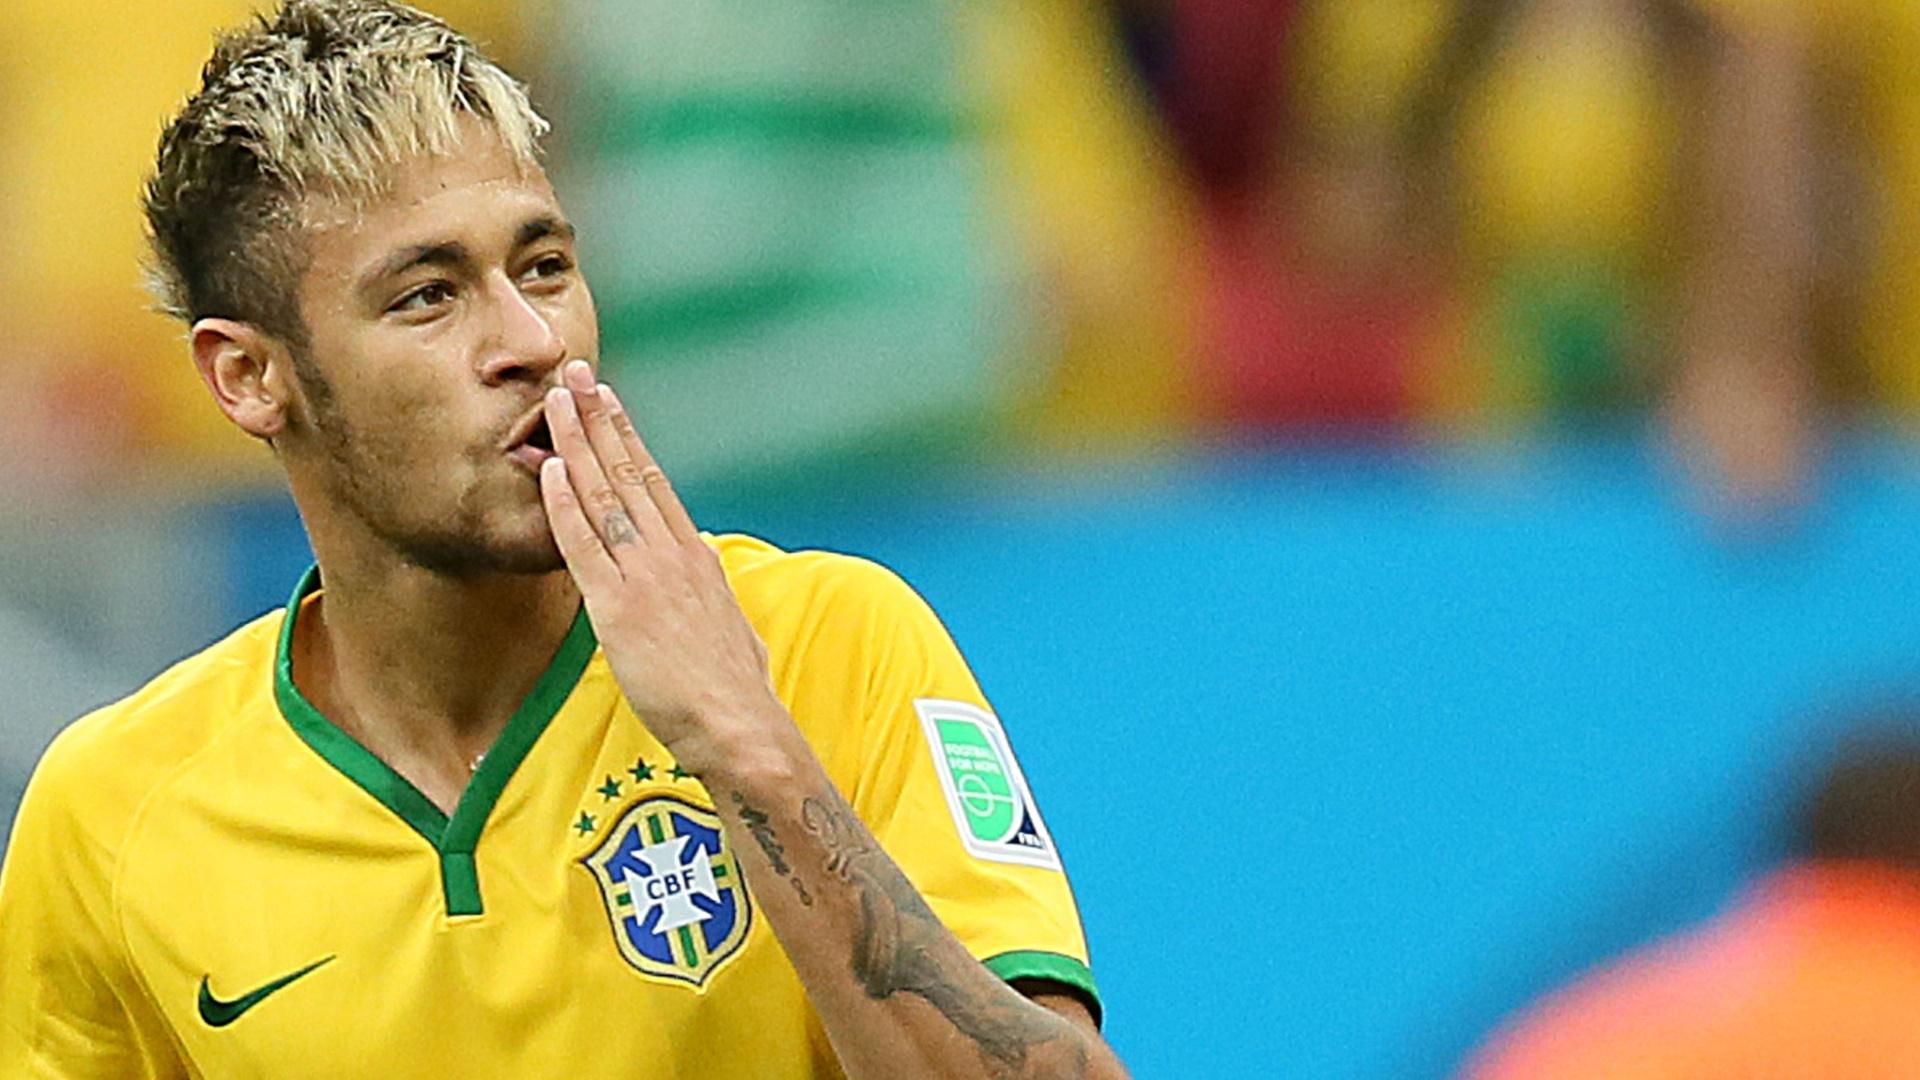 Neymar vive grande momento dentro e fora de campo. (Flávio Florido/UOL)